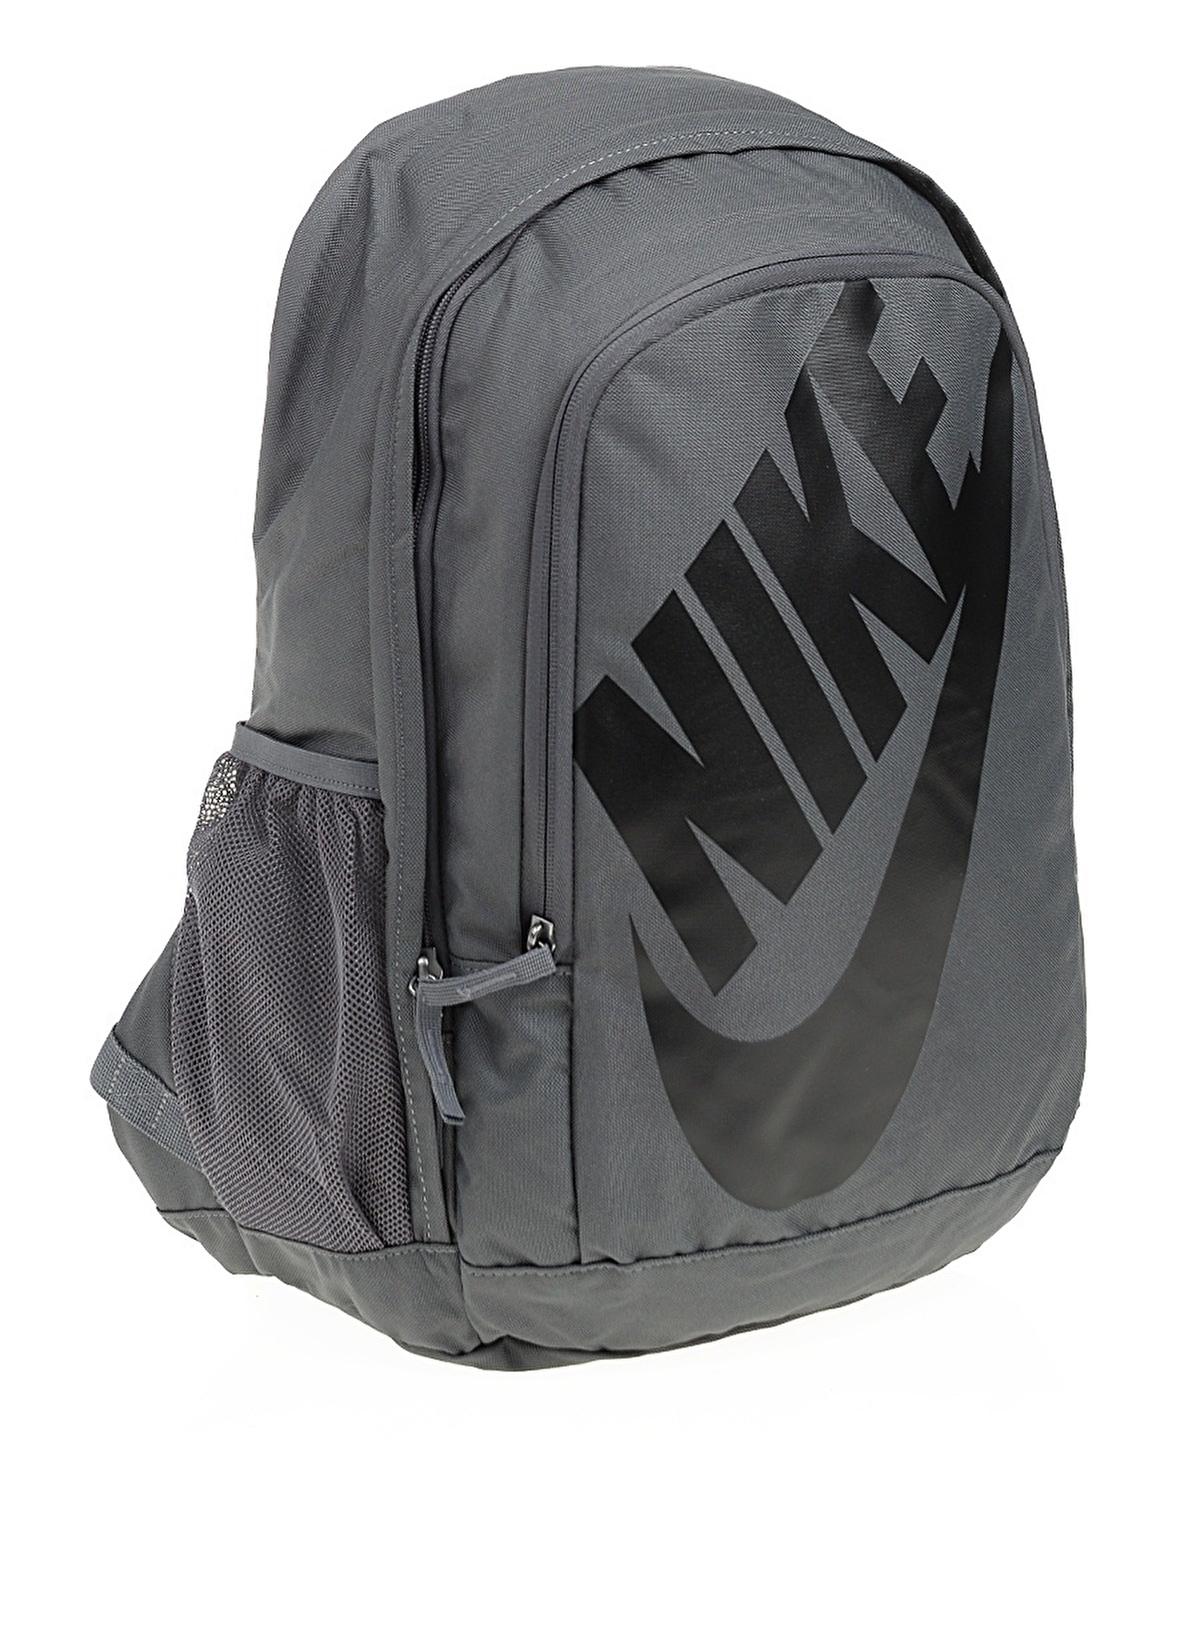 e3732b5c9c30d Nike Erkek Sırt Çantası Dark Grey/Dark Grey/Black İndirimli Fiyat ...